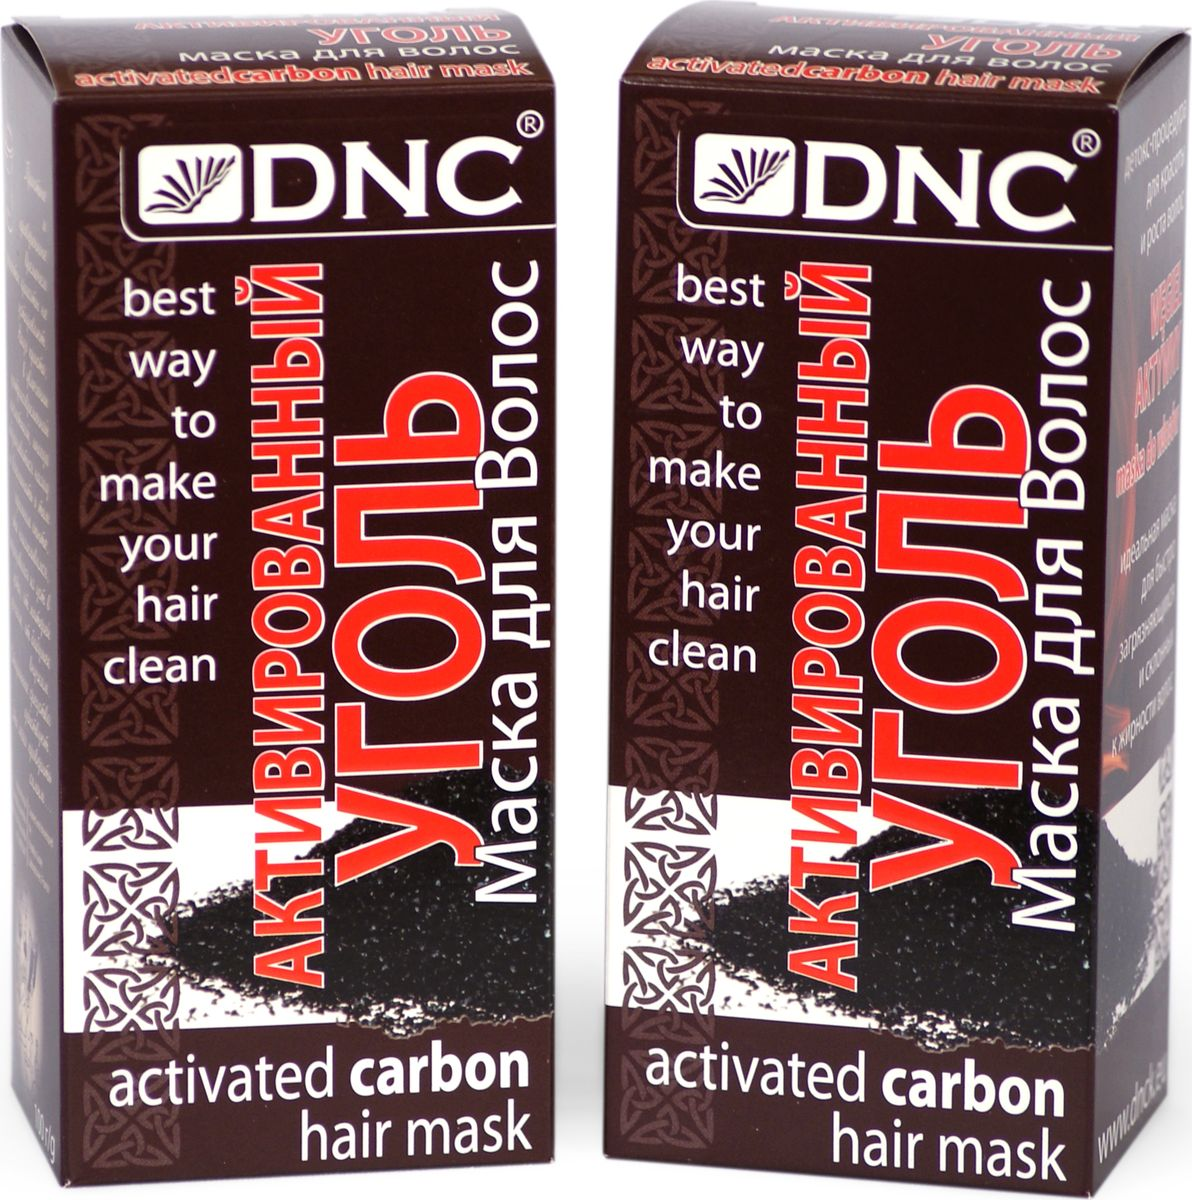 DNC Набор Маска для волос Уголь для волос, 100 г, 2 шт dnc набор филлер для волос 3 15 мл и шелк для волос 4 10 мл